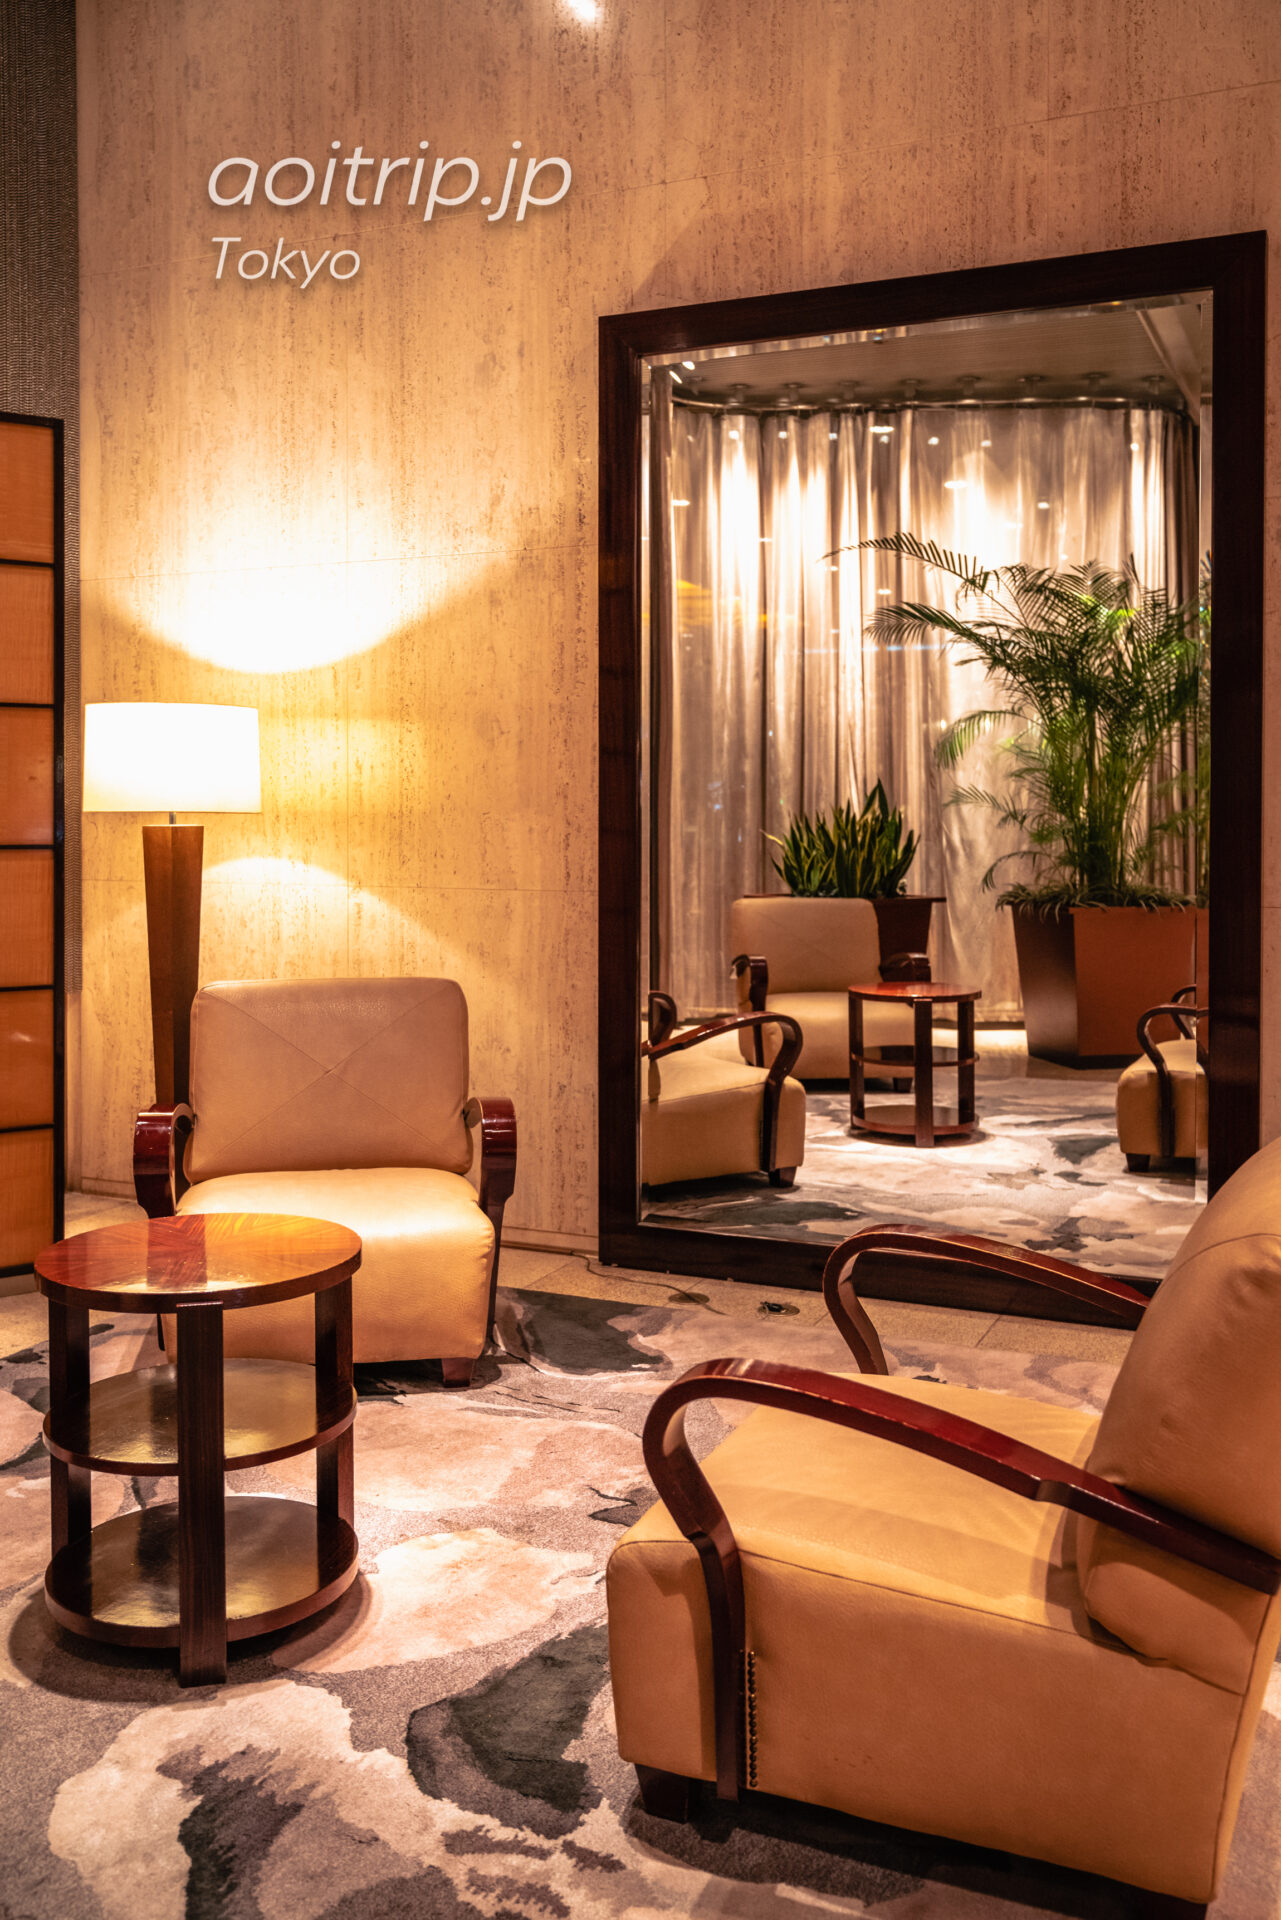 シェラトン都ホテル東京(Sheraton Miyako Hotel Tokyo)のロビー